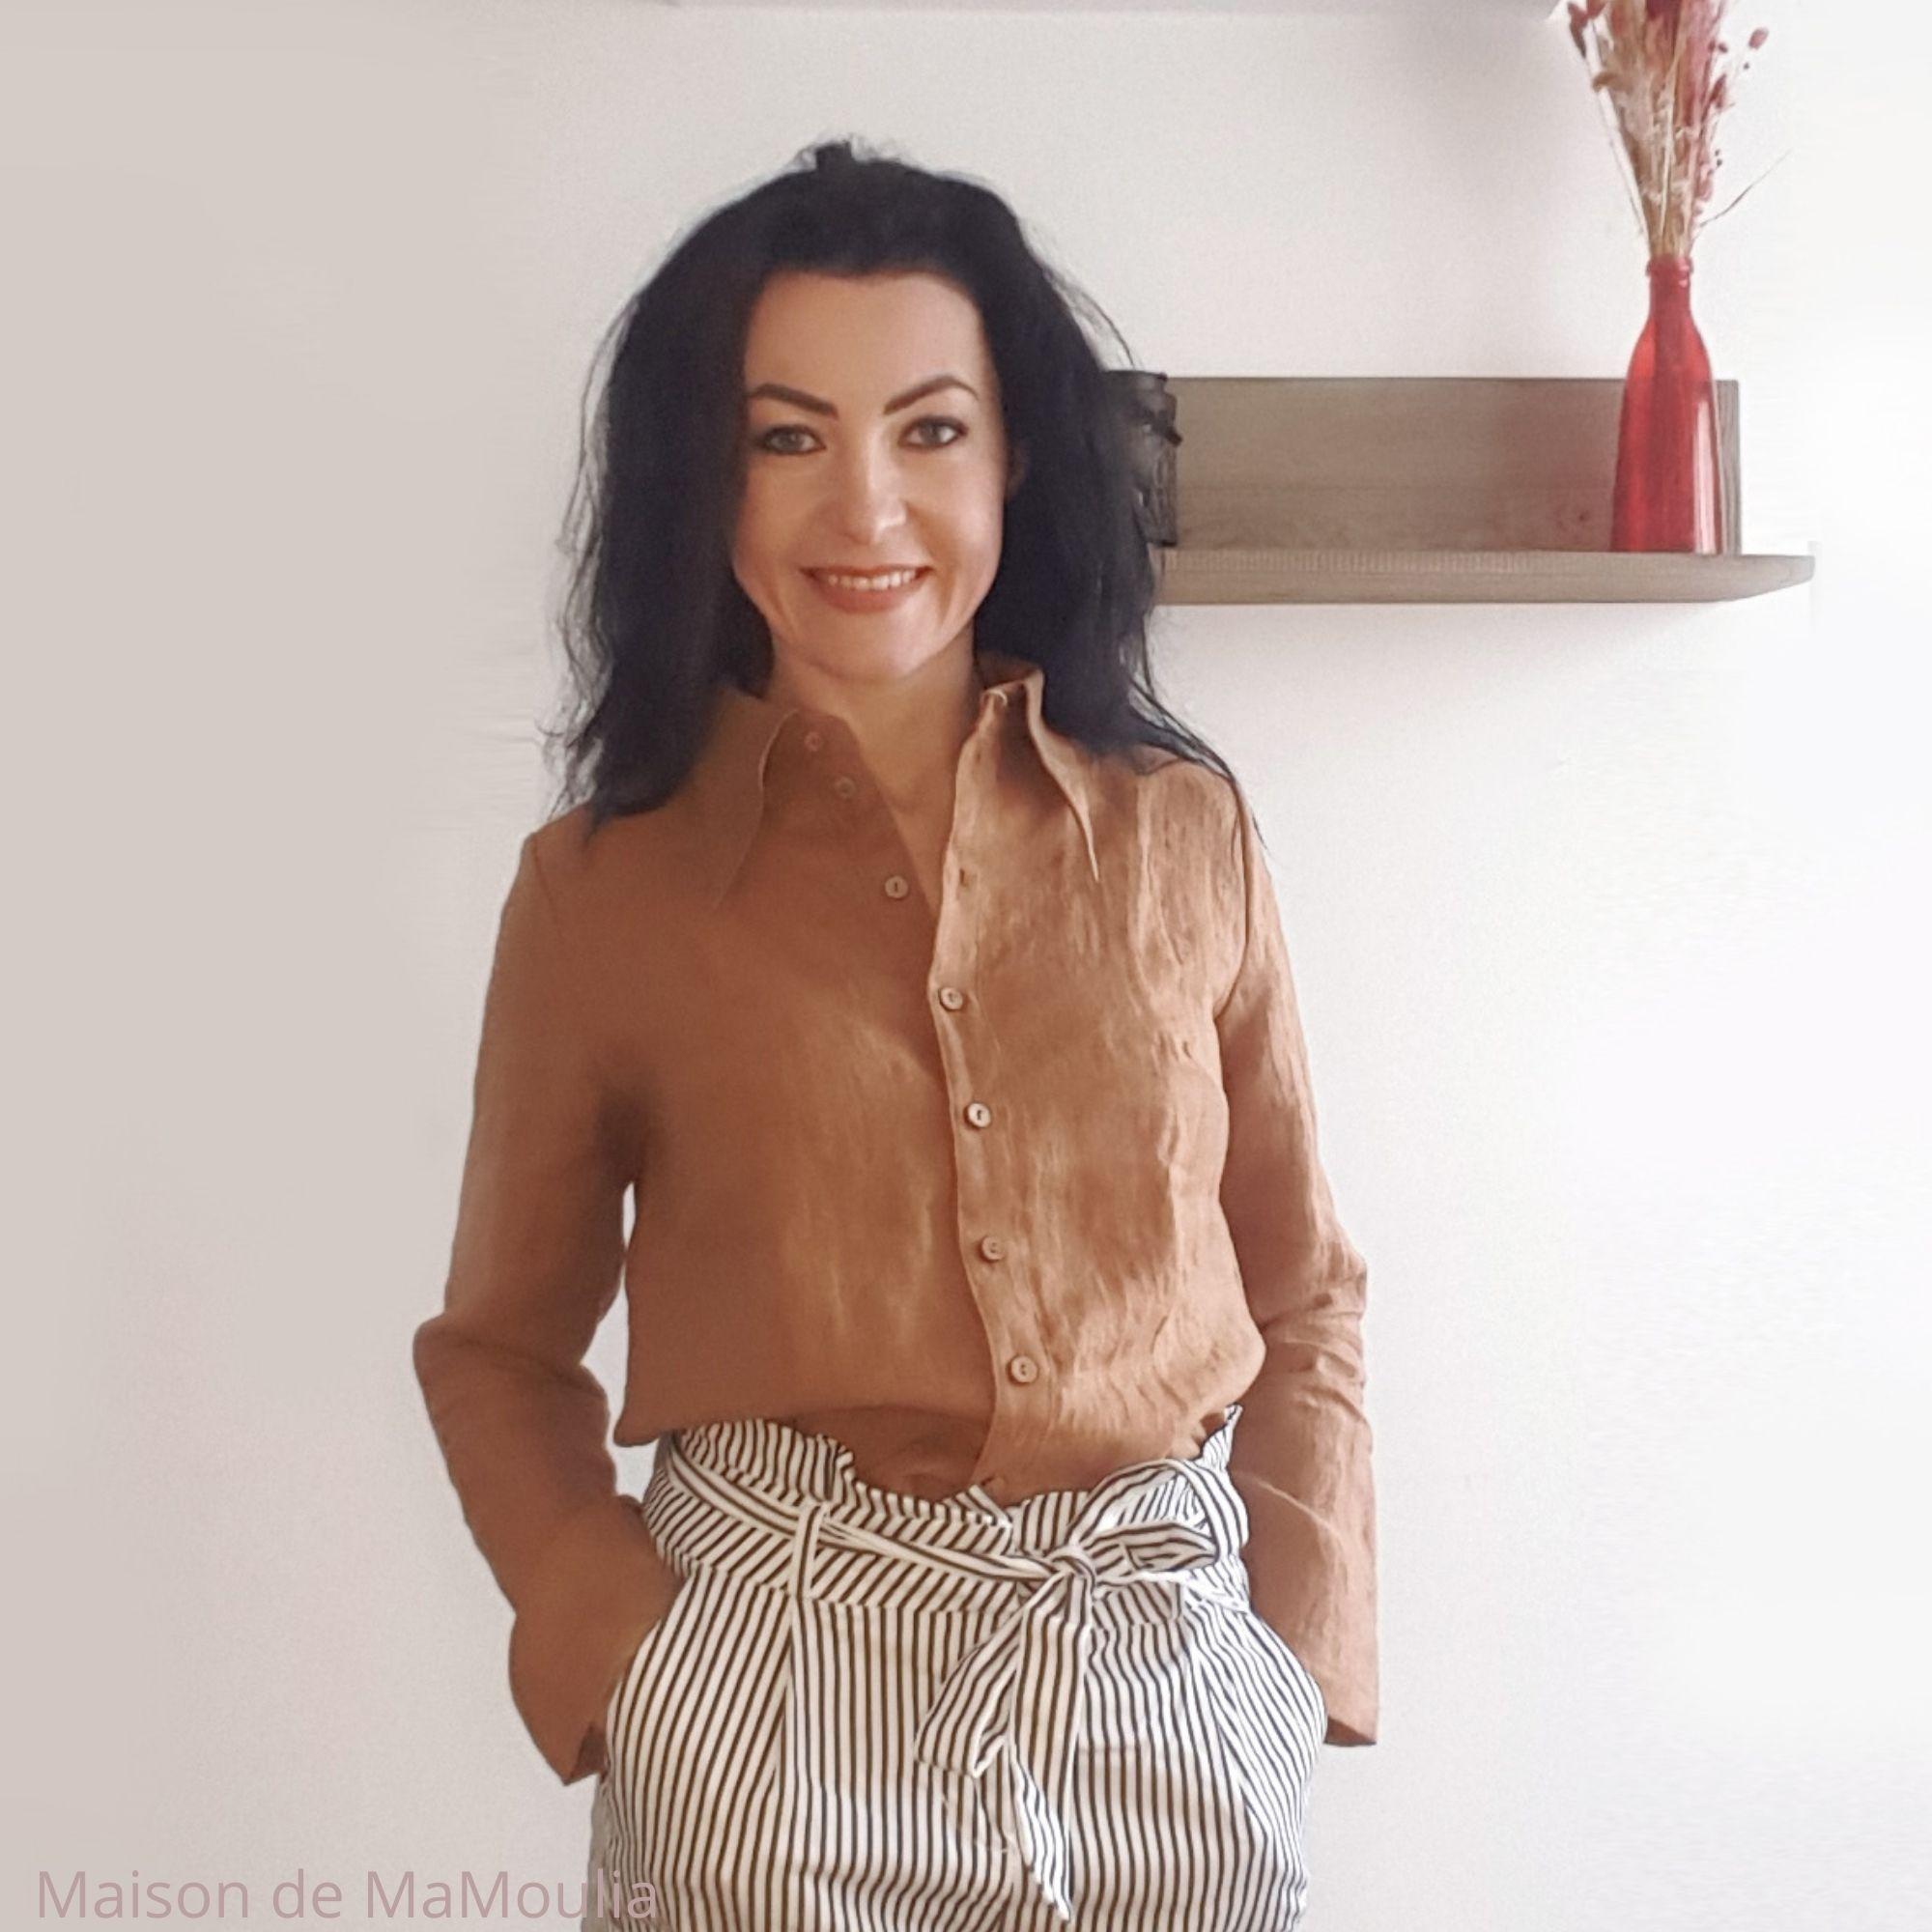 chemise-femme-pur-lin-lave-simplygrey-maison-de-mamoulia-cannelle-melangee-